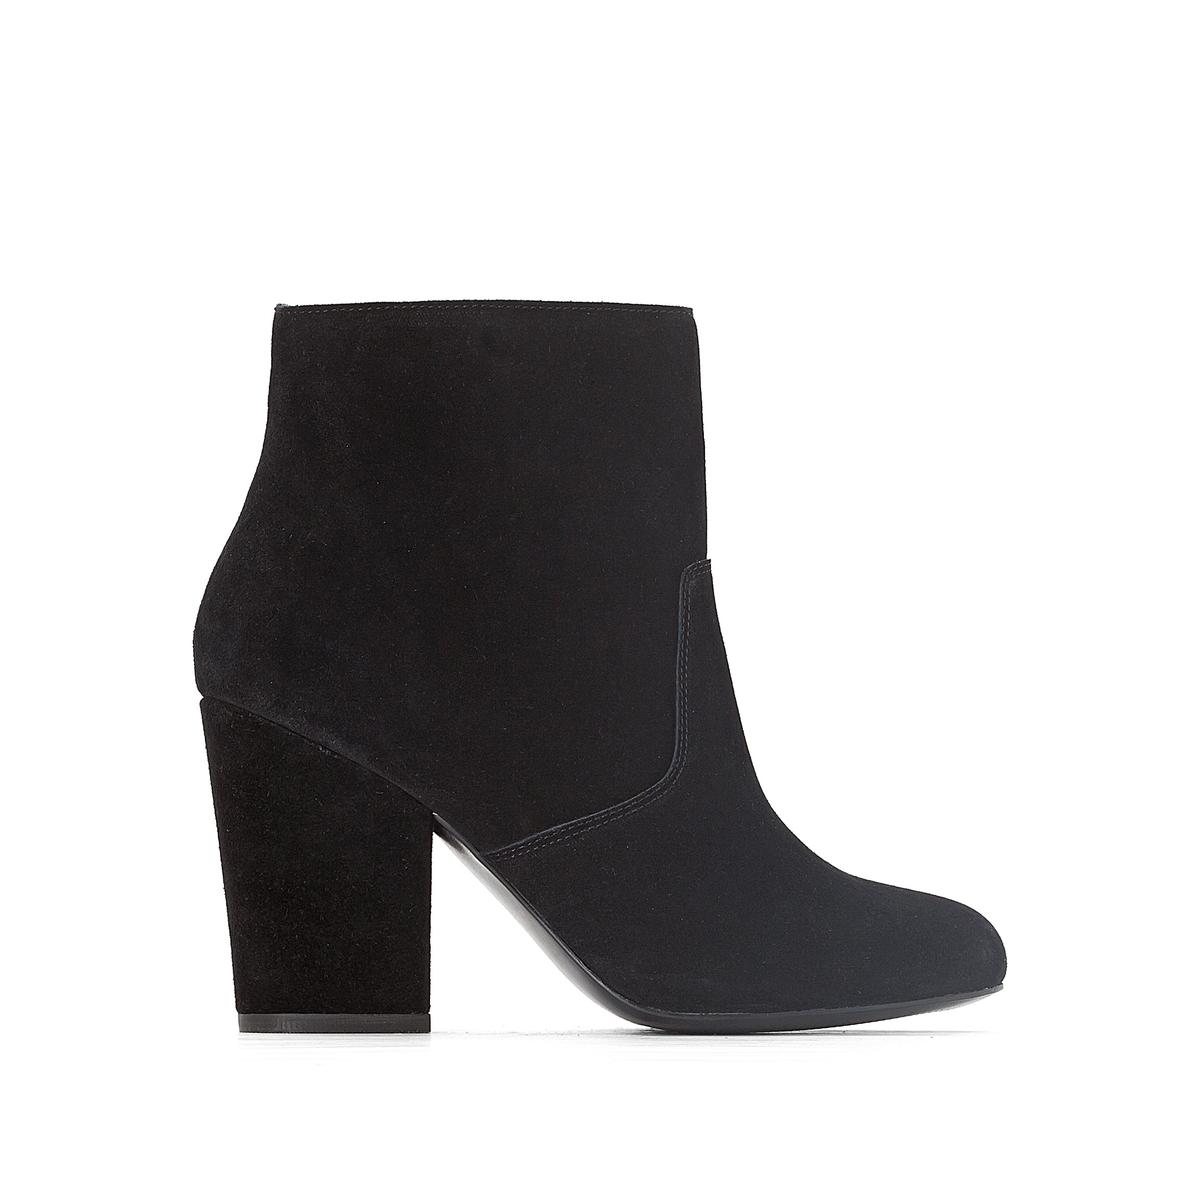 Ботильоны кожаные в стиле вестерн на высоком каблуке ботинки в стиле вестерн